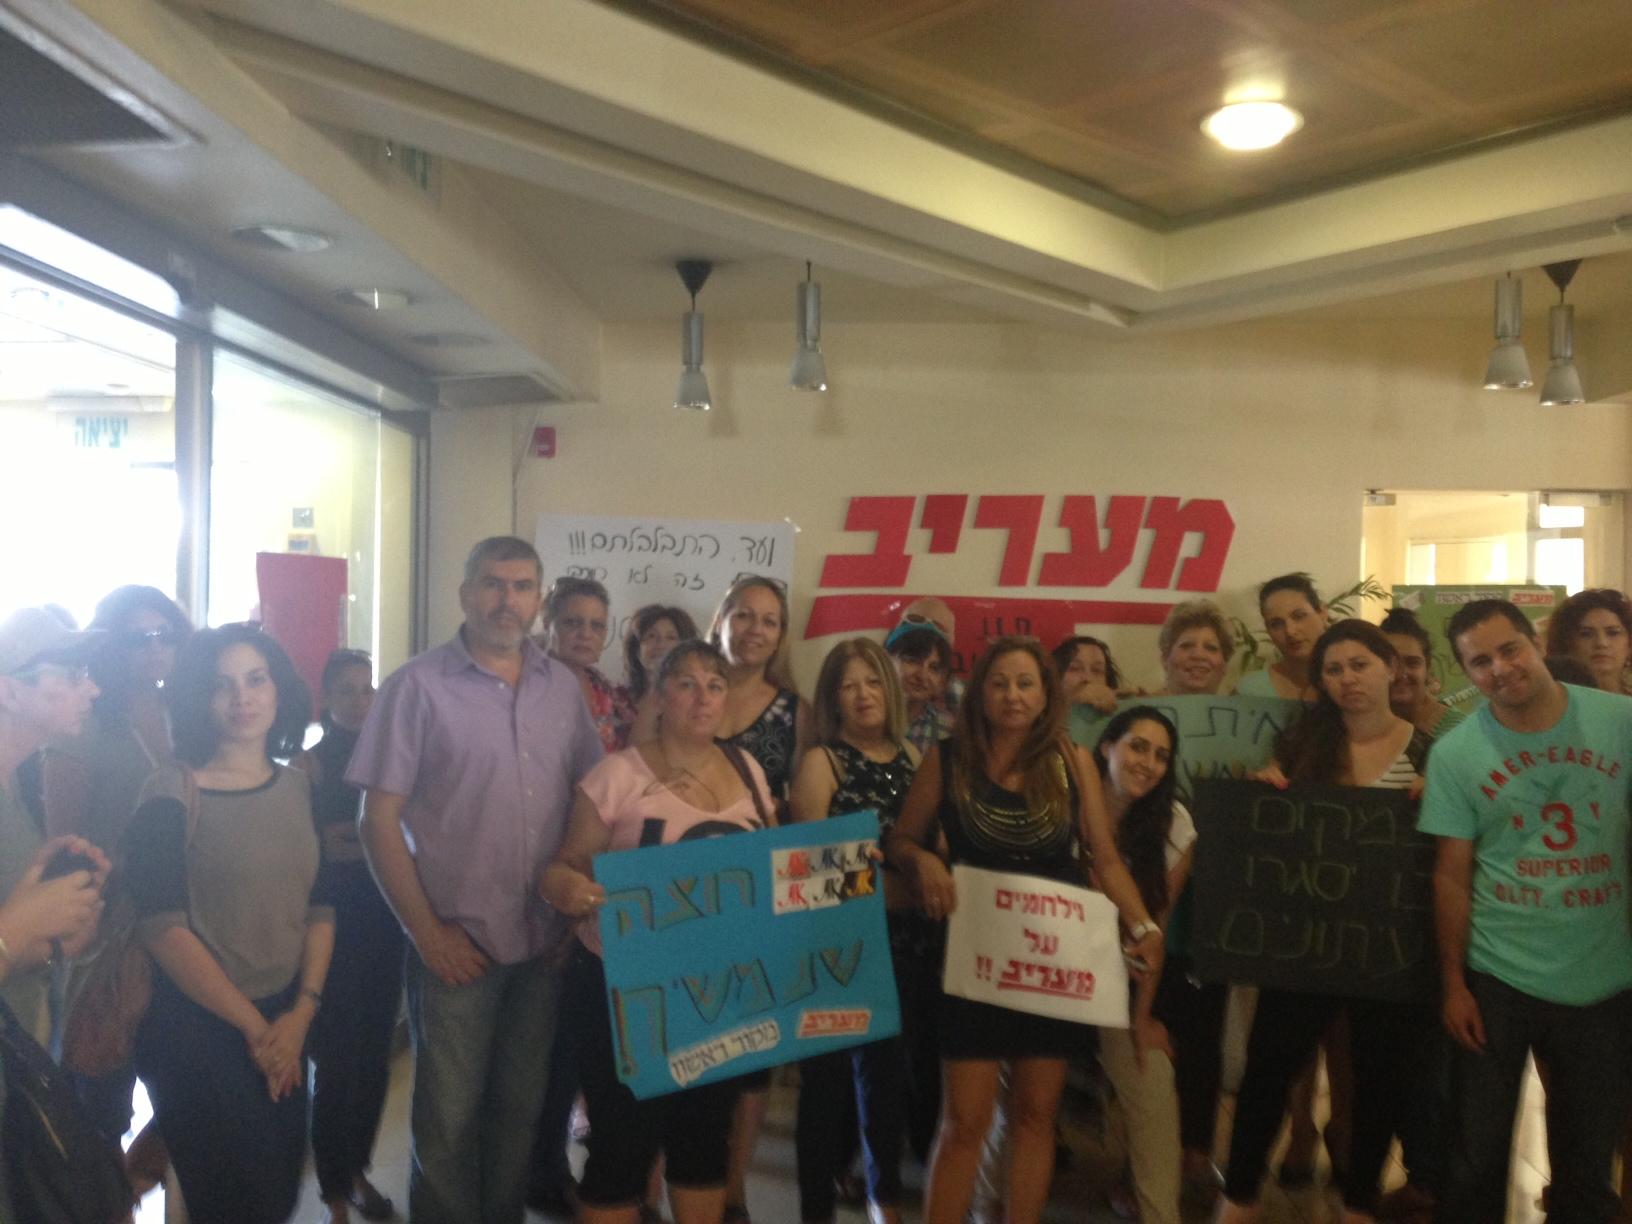 הפגנת התמיכה של כמה עשרות עובדים אתמול, בהנהלת מעריב